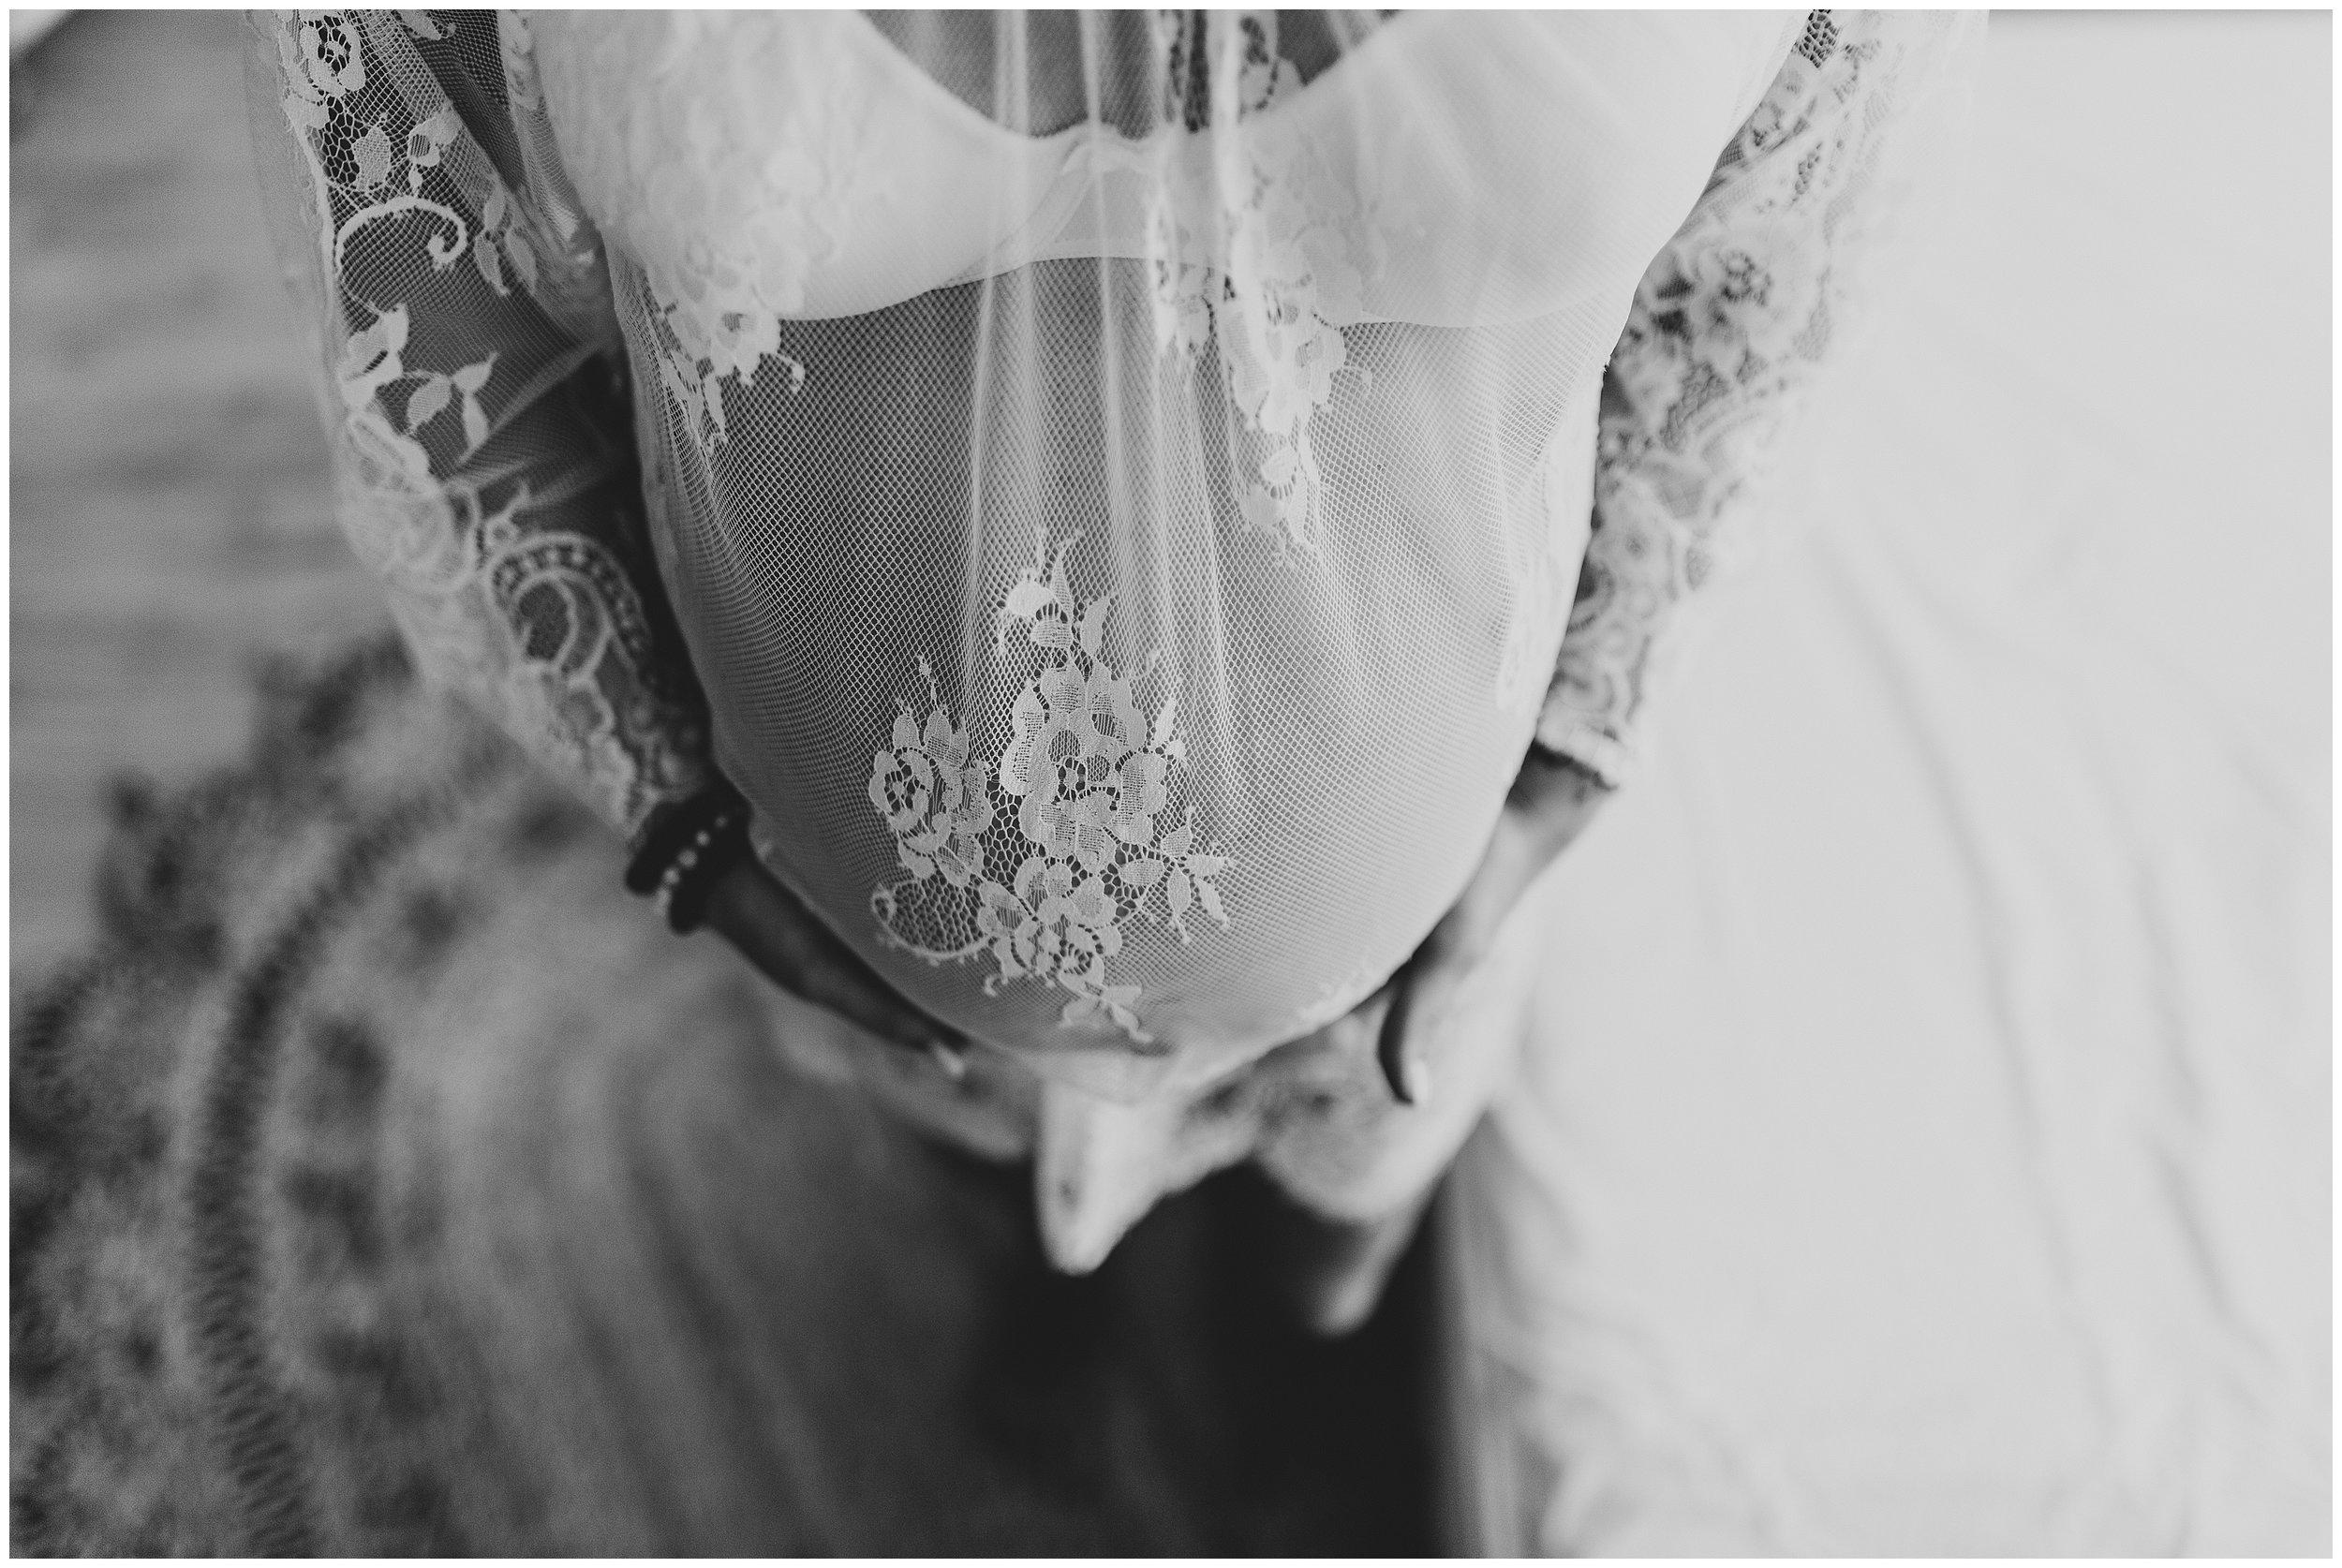 zwangerschap-studio-bohemian-boho-herentals-zwangerschapsshoot_0007.jpg